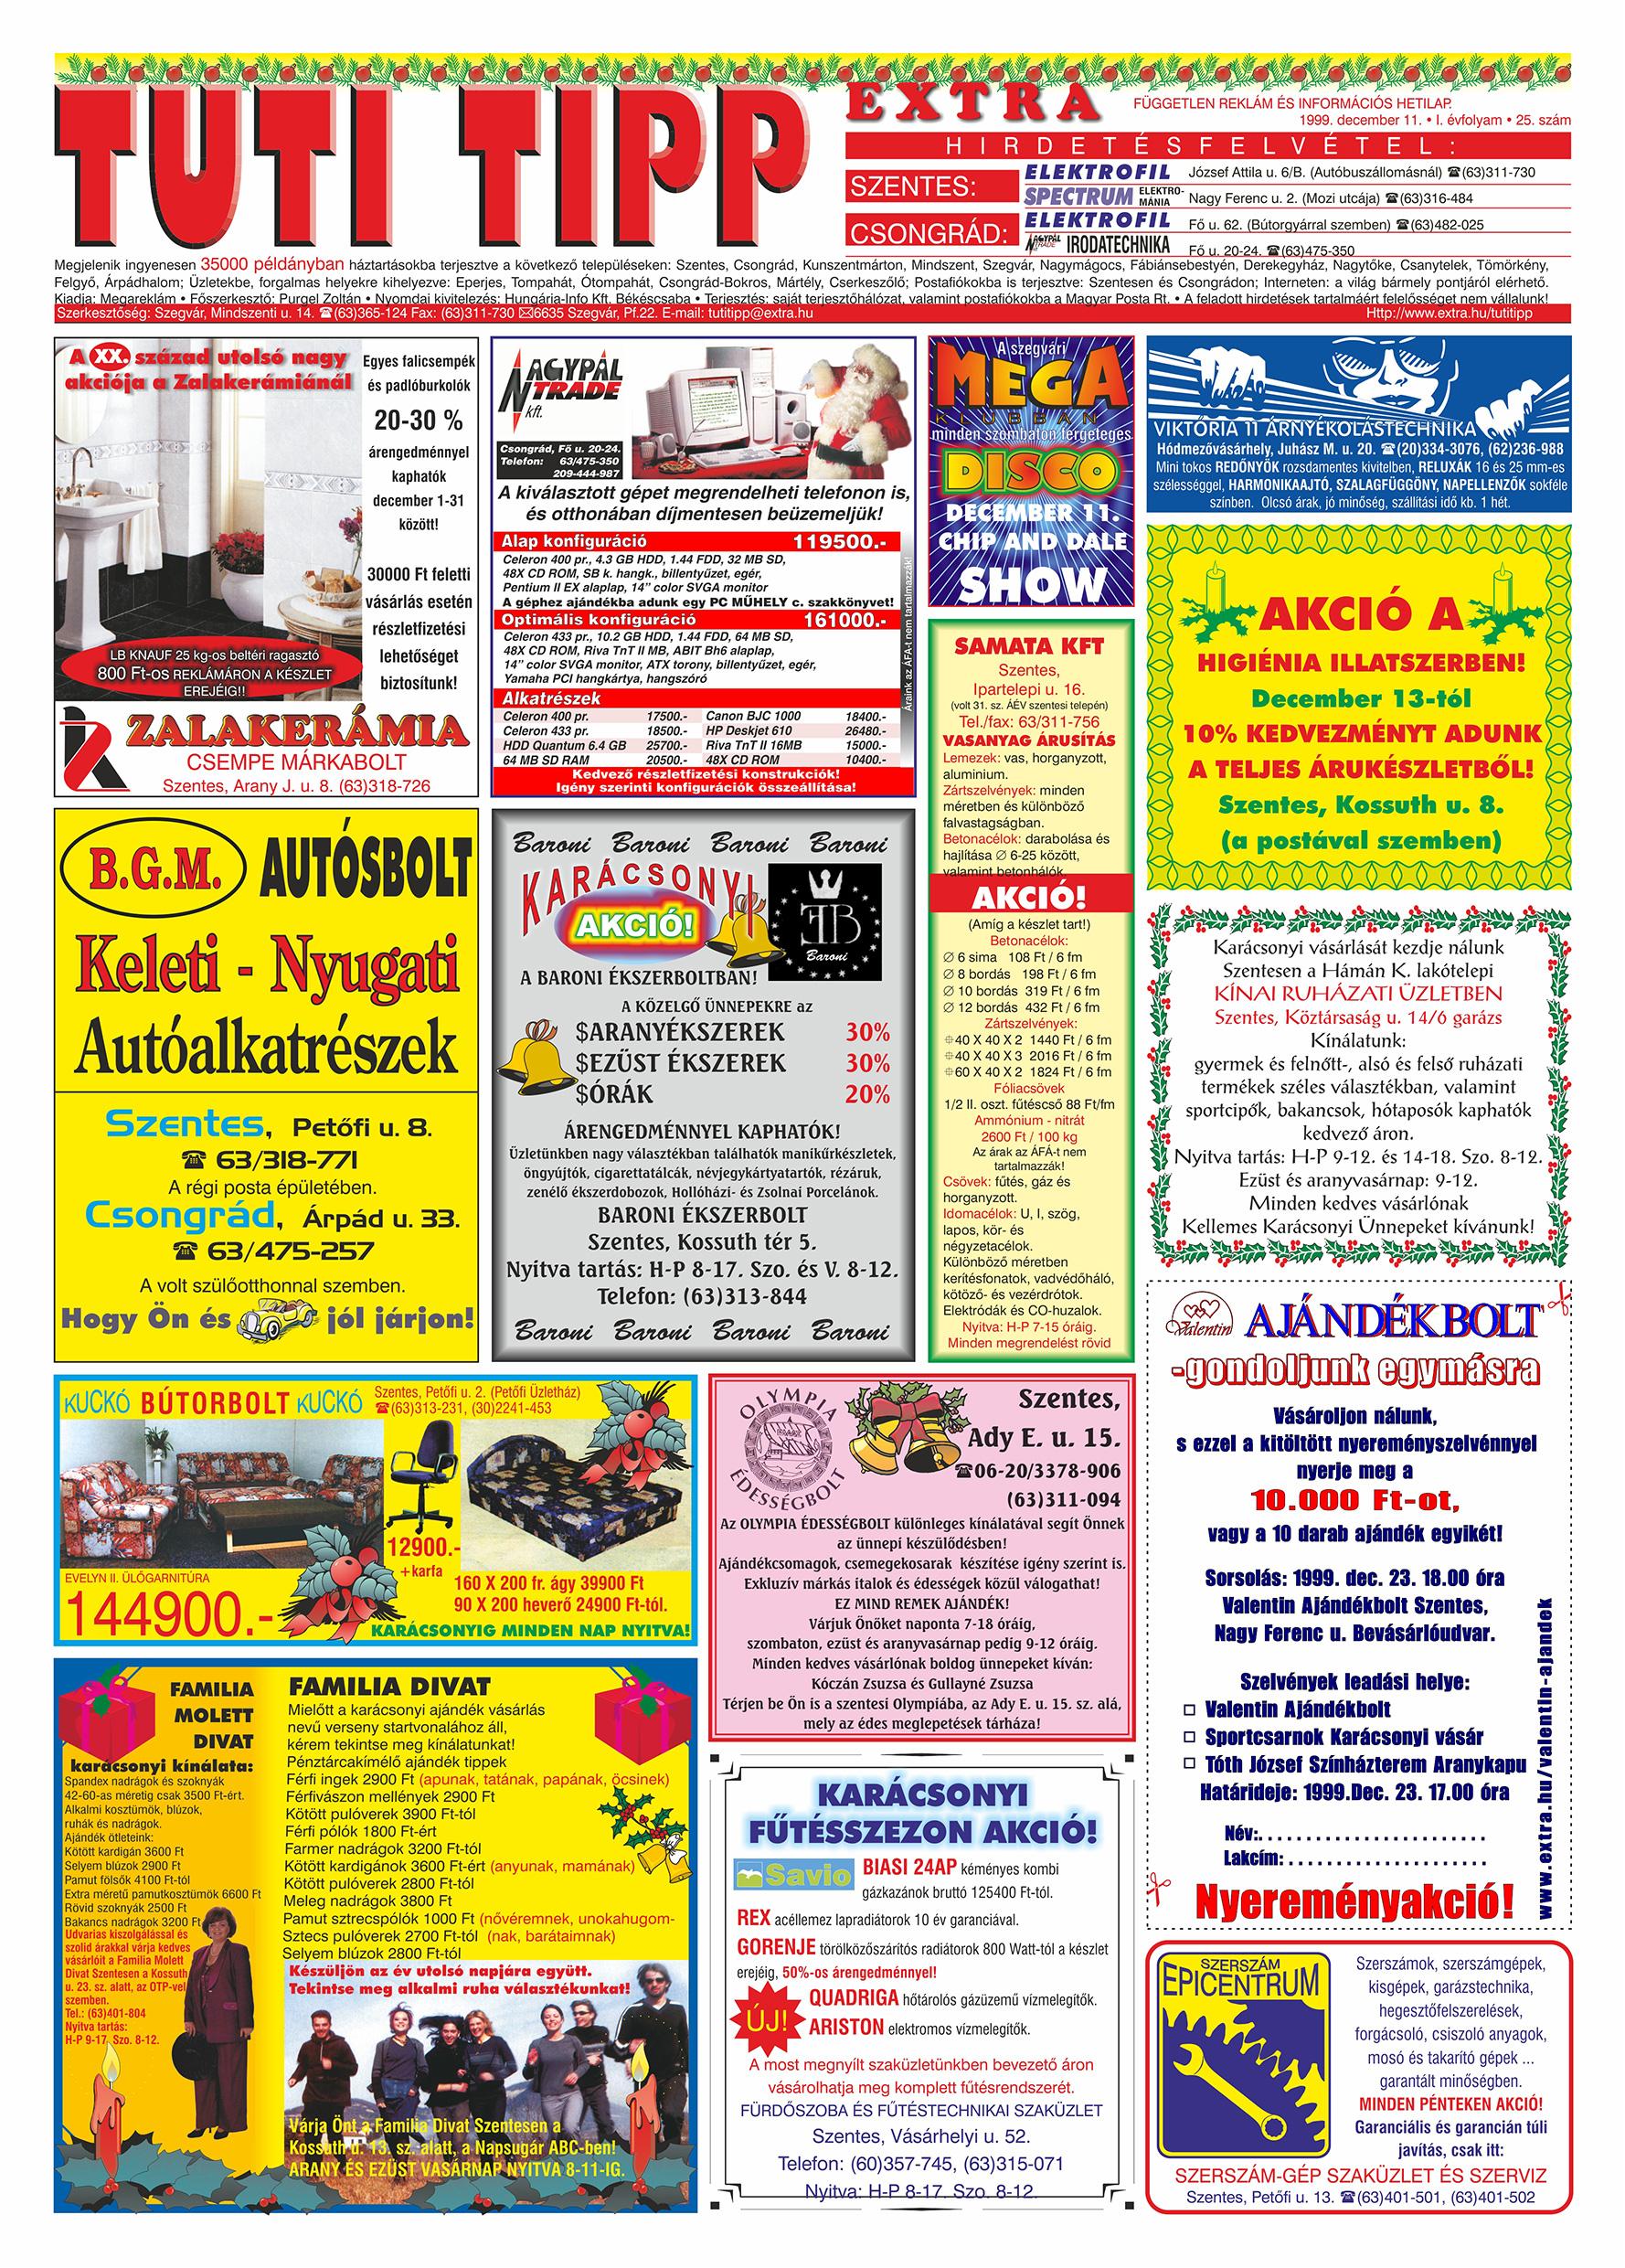 077 Tuti Tipp Extra reklámújság - 19991211-025. lapszám - 1.oldal - V. évfolyam.jpg